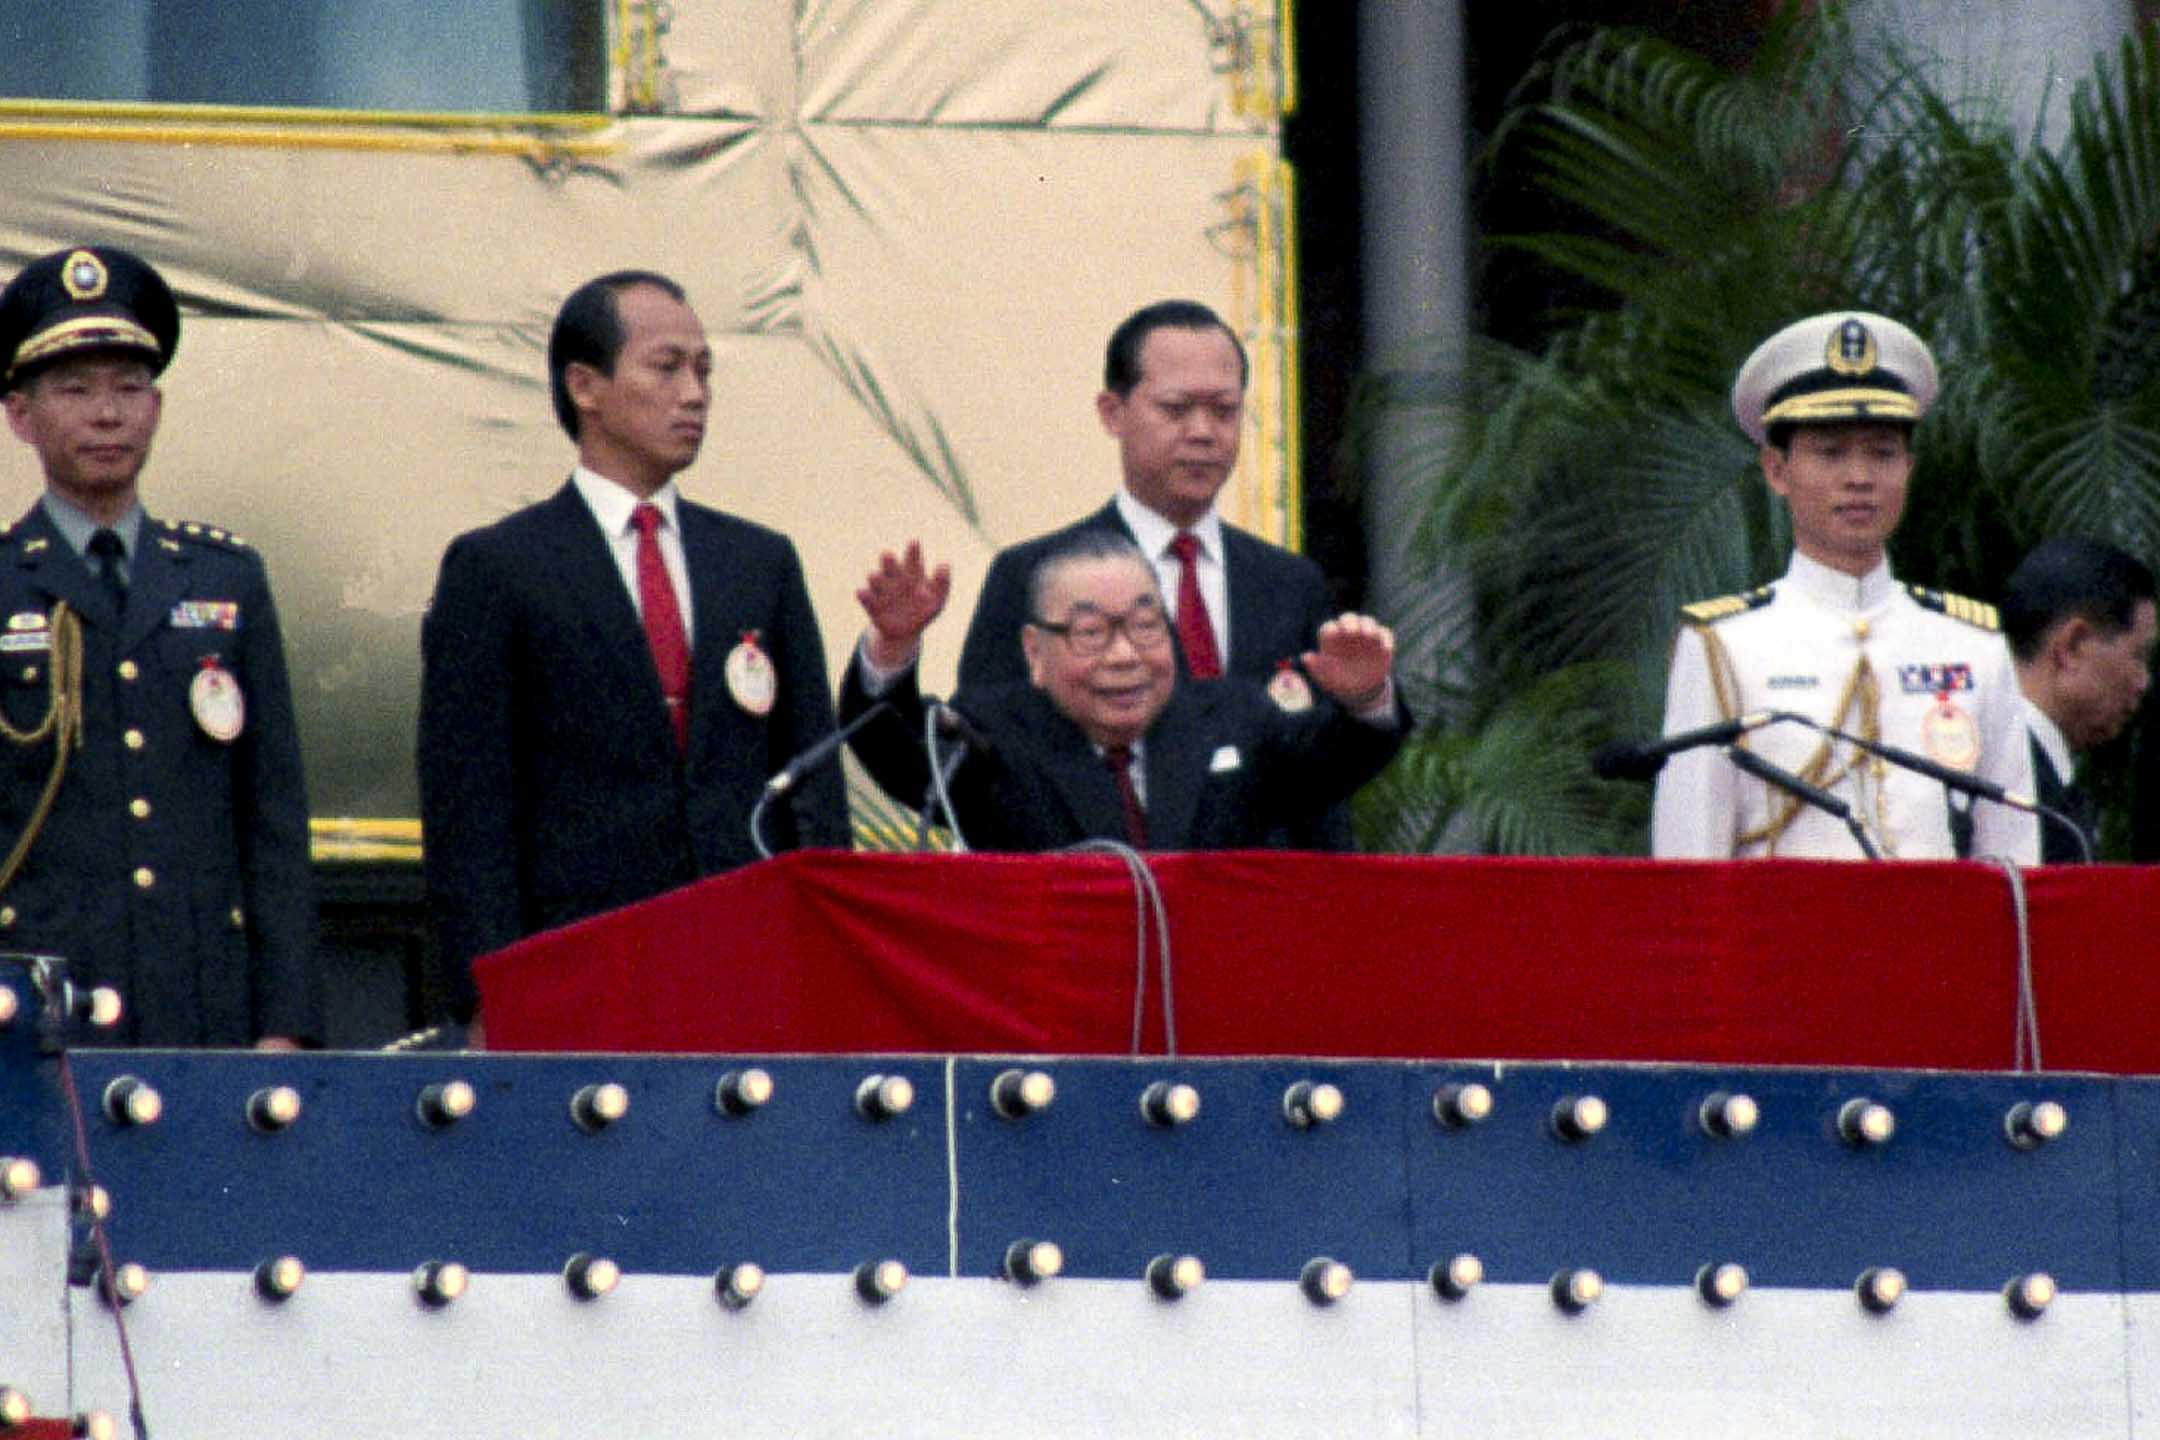 1987年10月10日,台灣總統蔣經國在公眾場合露面,以輪椅代步,主持雙十國慶大典。 攝:Yang/AP/達志影像